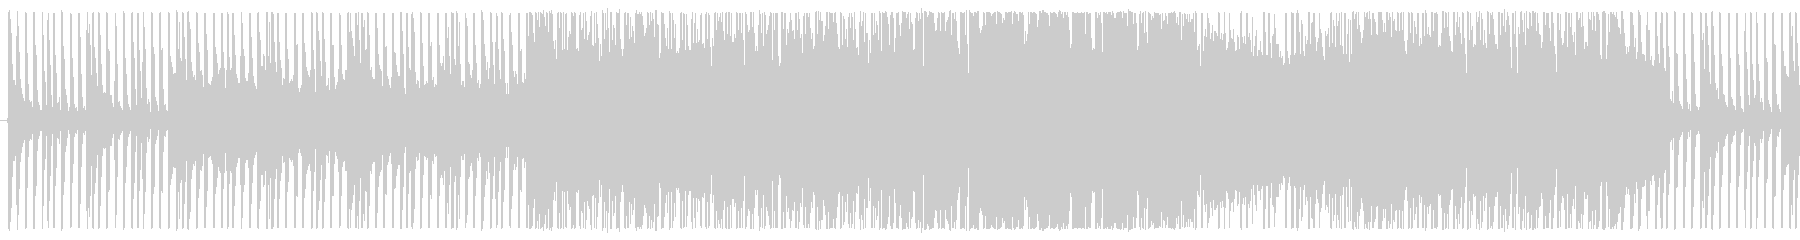 RPG for RPG (loop specification)'s unreproduced waveform